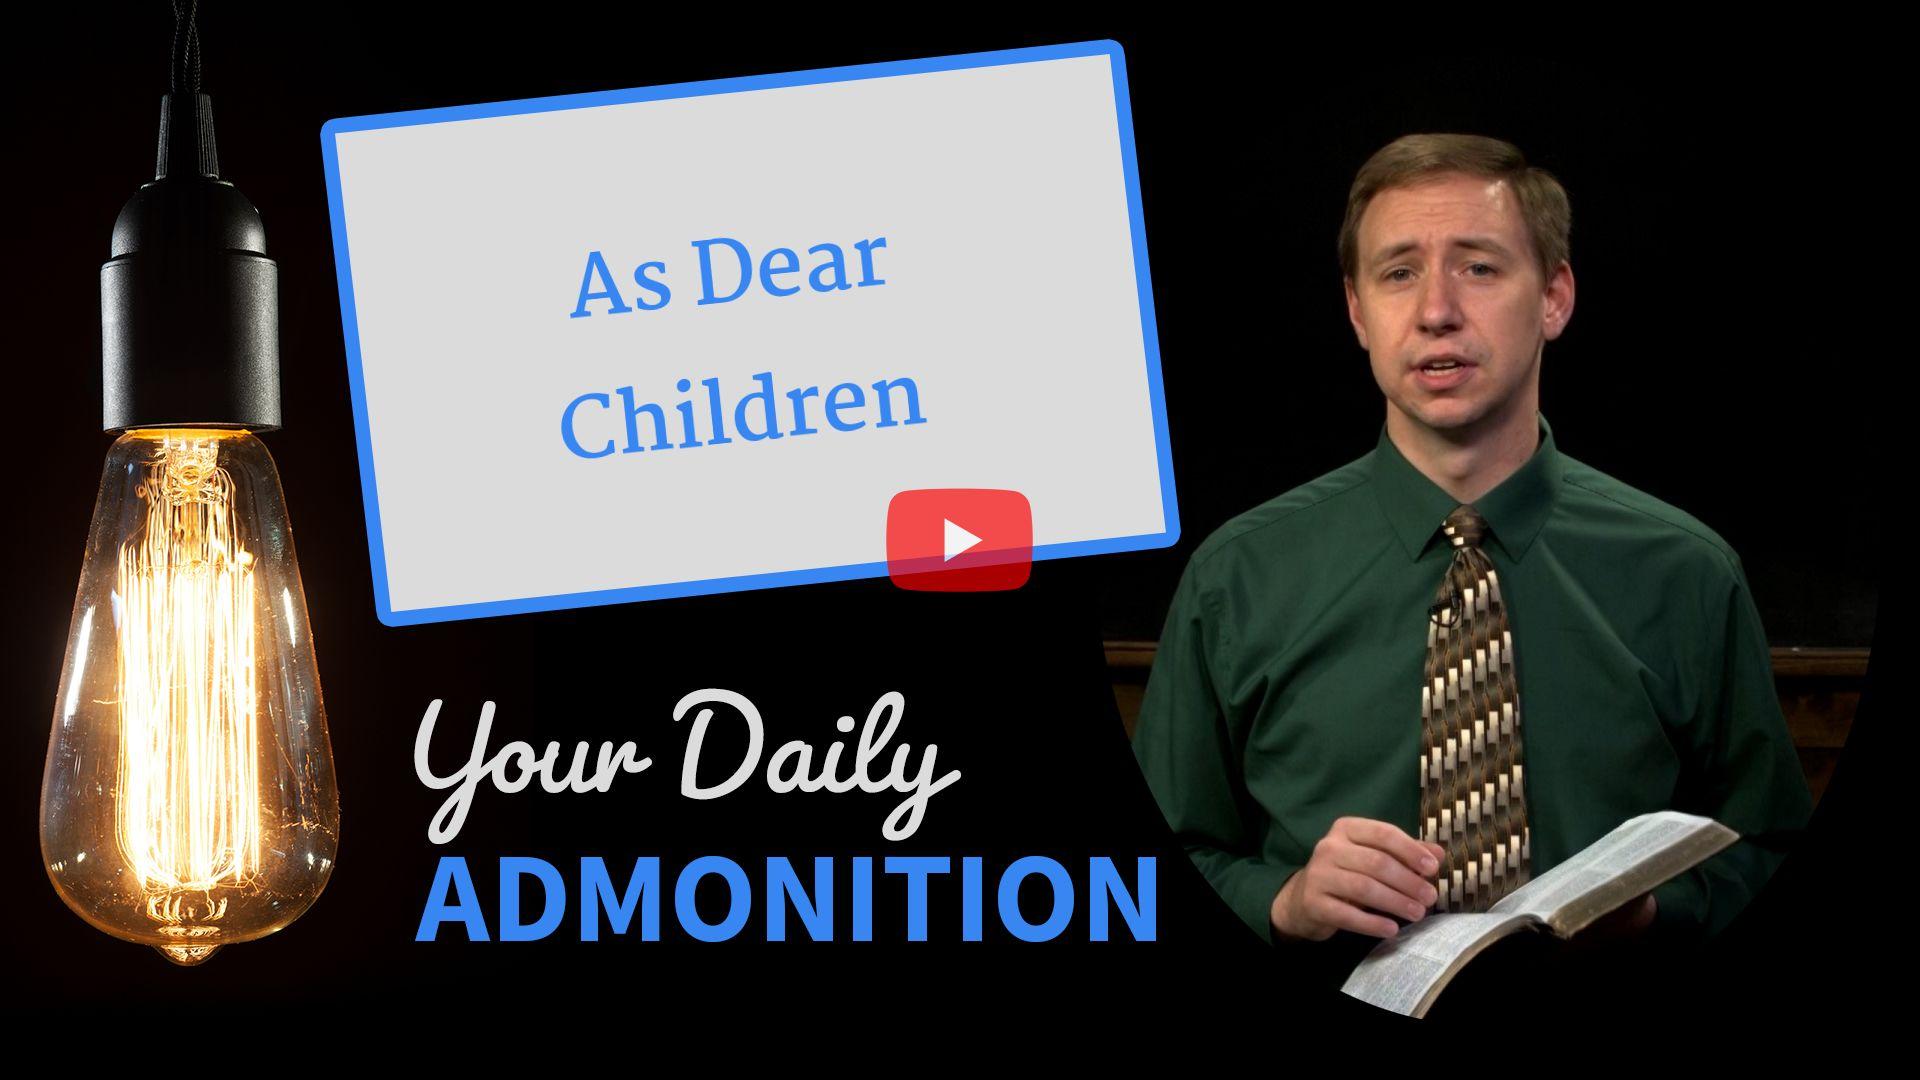 As Dear Children